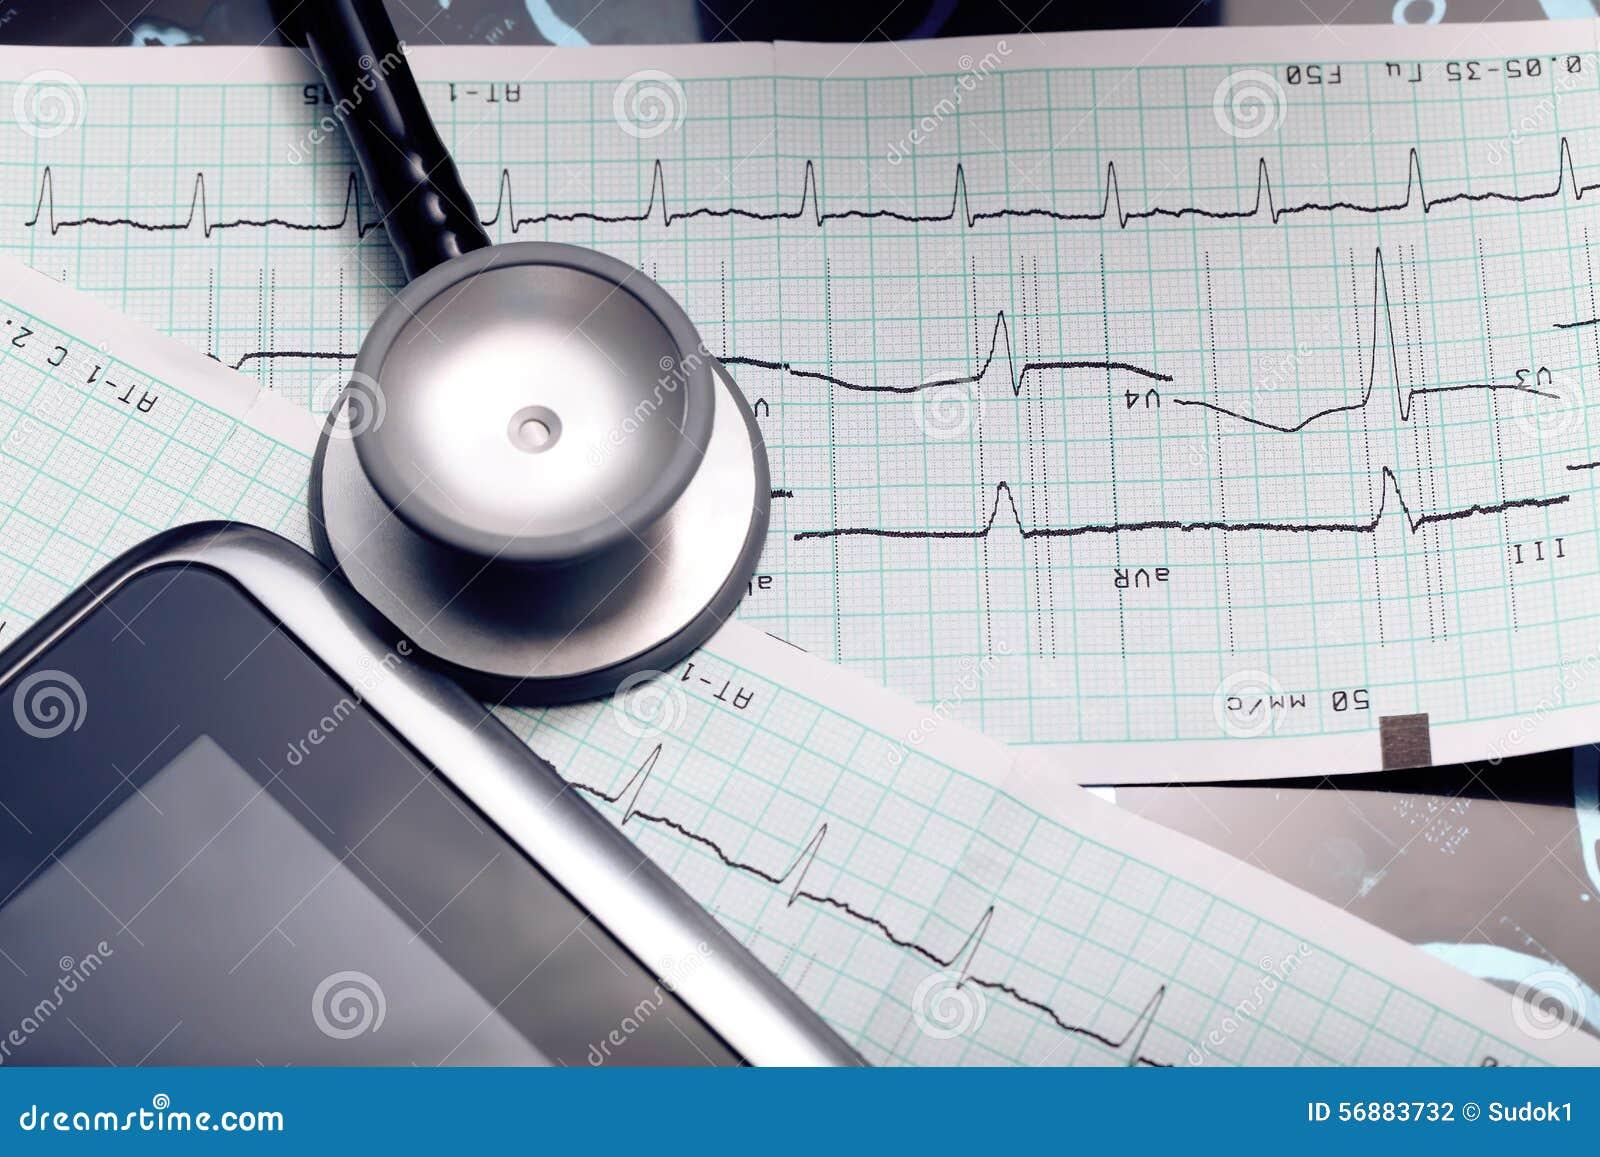 Strumenti medici in ambulatorio